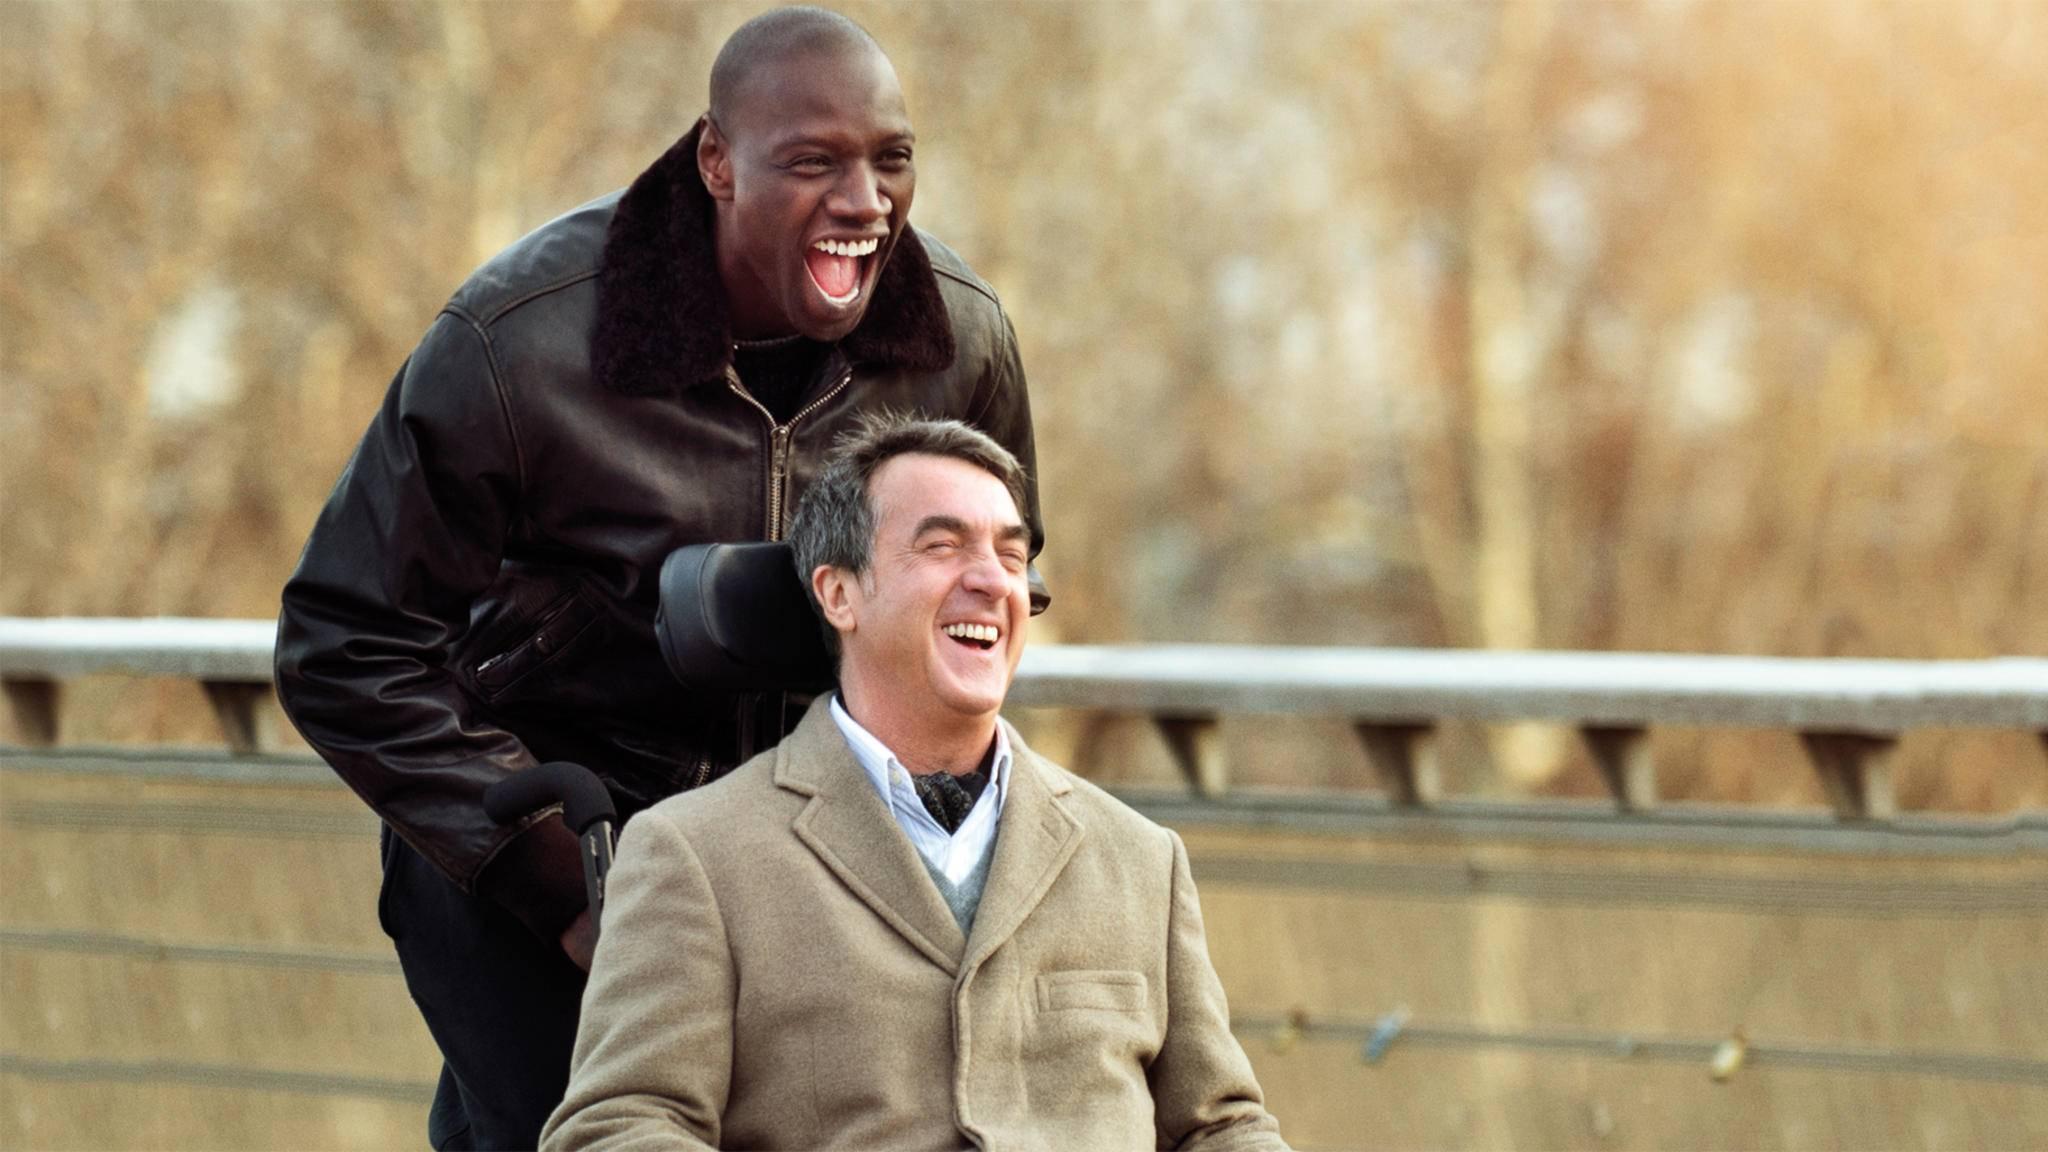 """Nicht nur am Weltlachtag sorgt die Komödie """"Ziemlich beste Freunde"""" für gute Laune."""